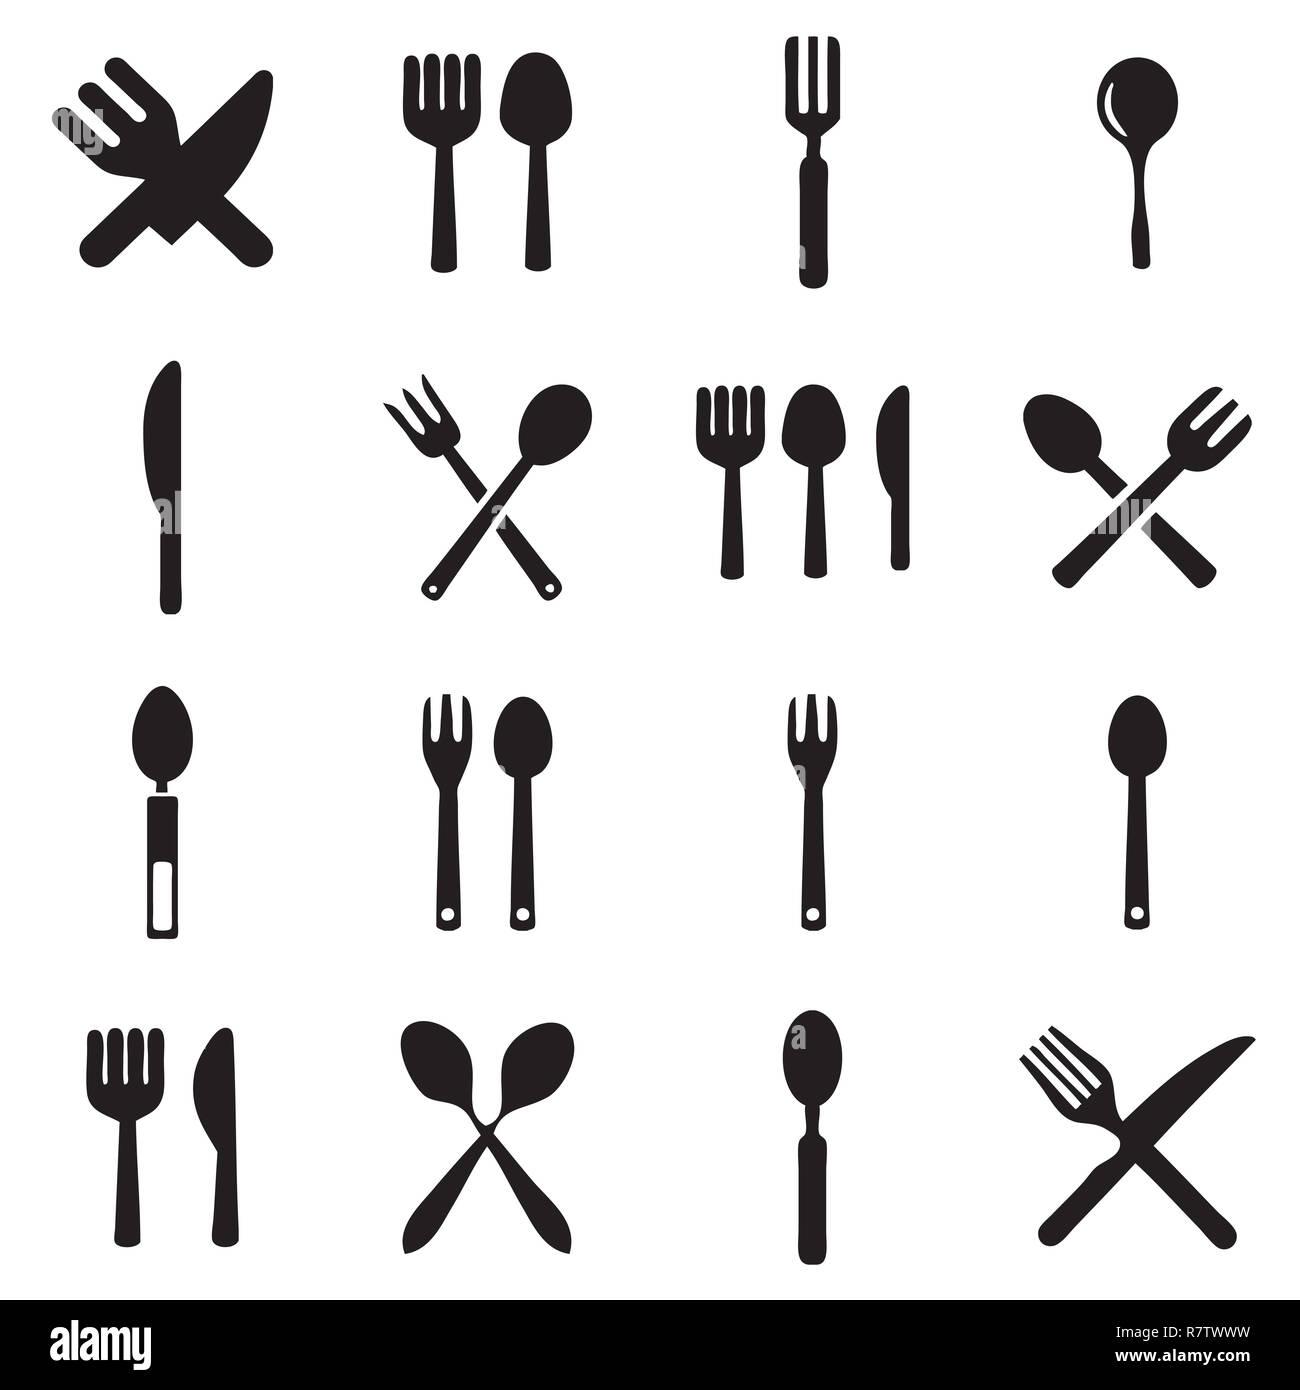 Cocina tenedor y cuchara vectores icono Imagen De Stock